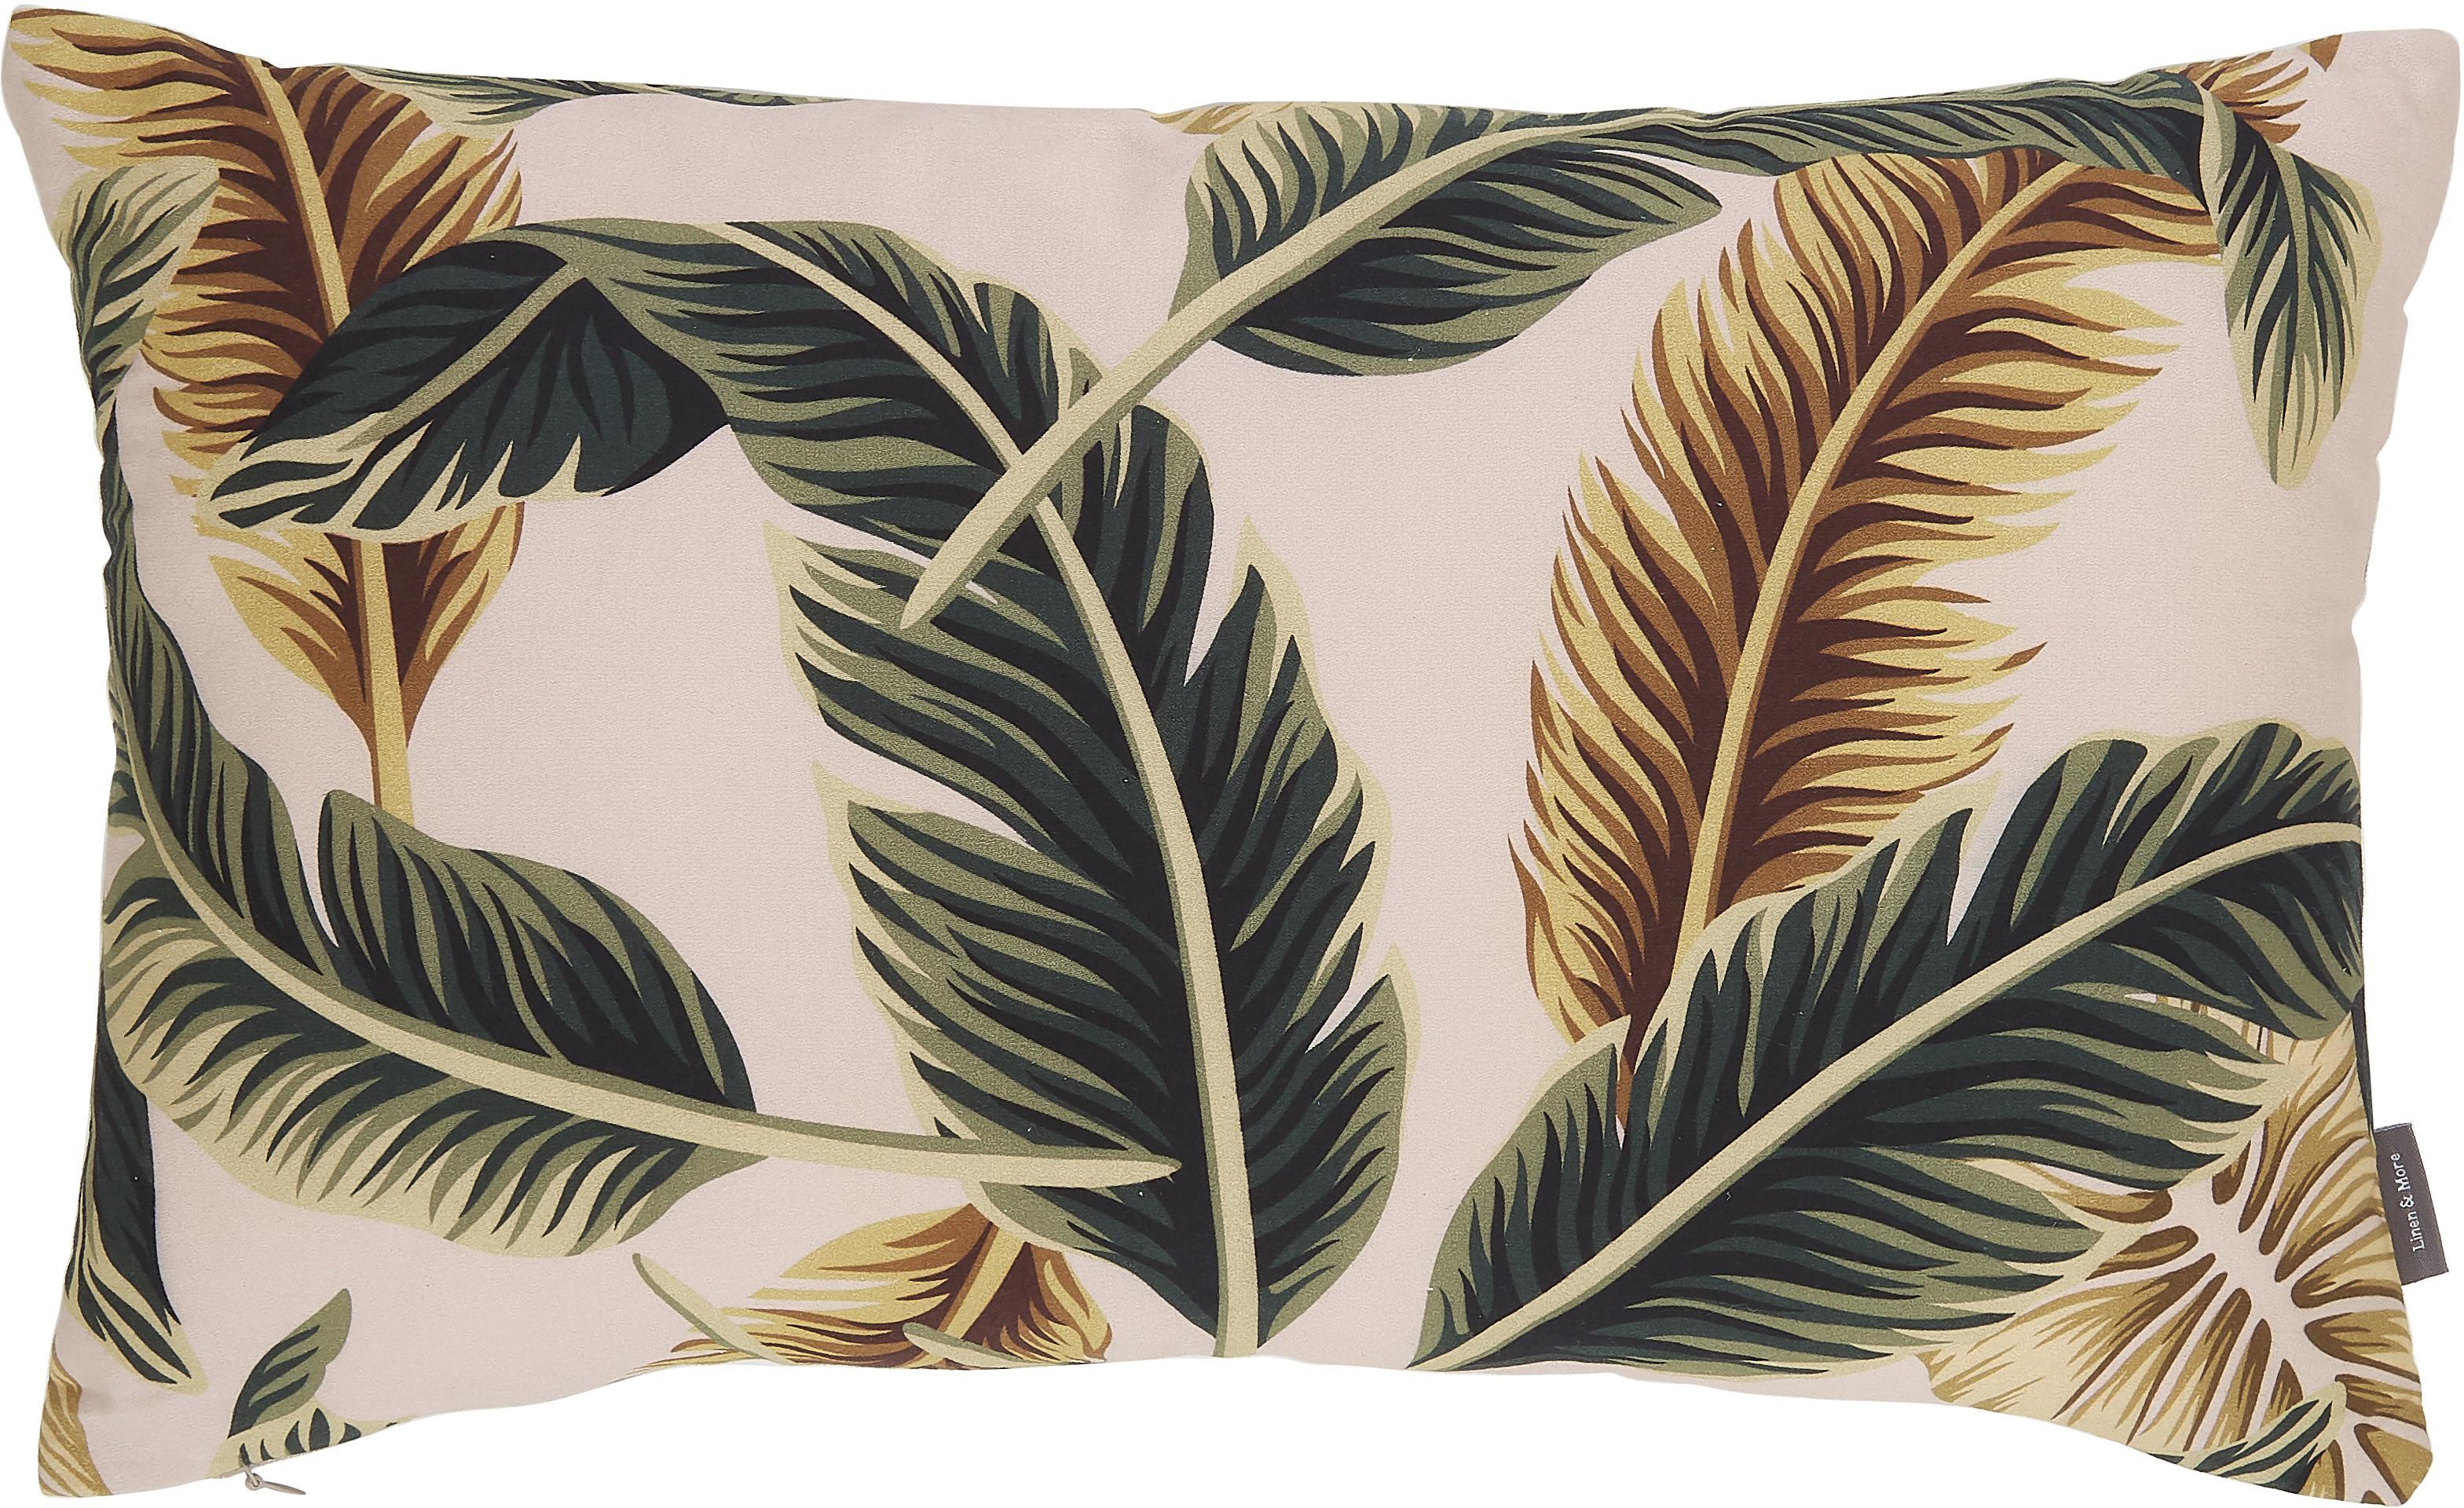 Kissen Elegant Feather, mit Inlett, 100% Baumwolle, Beige, Grün, Goldgelb, 30 x 50 cm